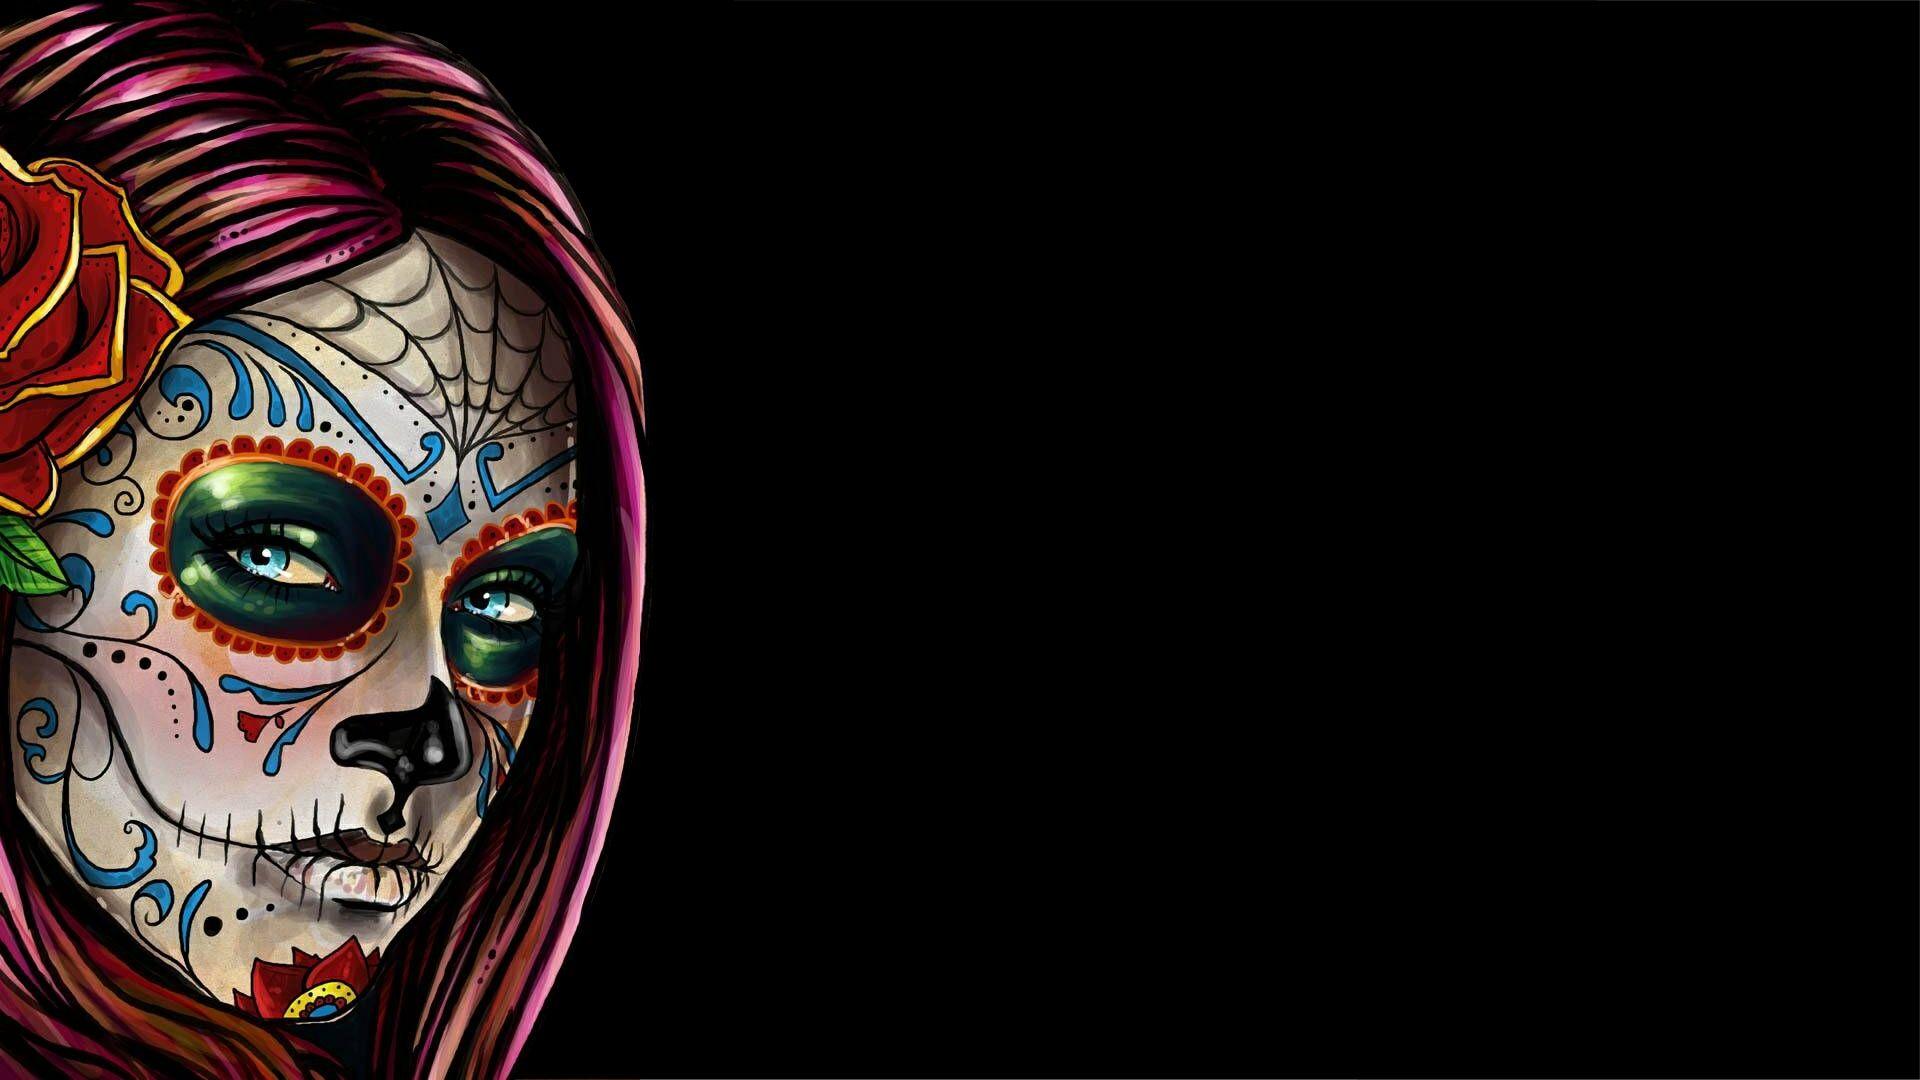 Artistic Sugar Skull Wallpaper Skull Pictures Sugar Skull Wallpaper Skull Wallpaper